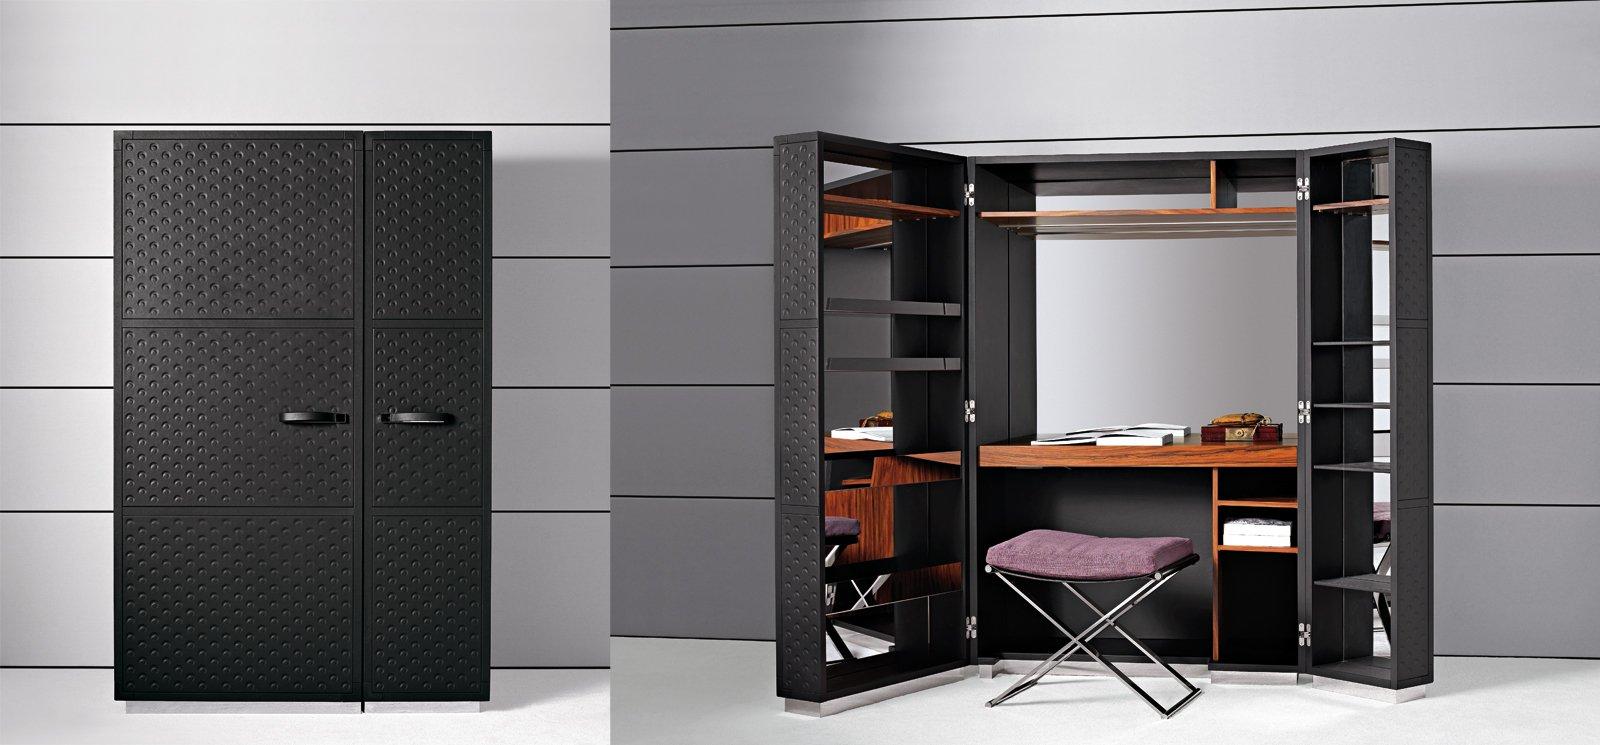 Trasformabili salvaspazio e doppia funzione cose di casa - Ikea mobili per computer ...